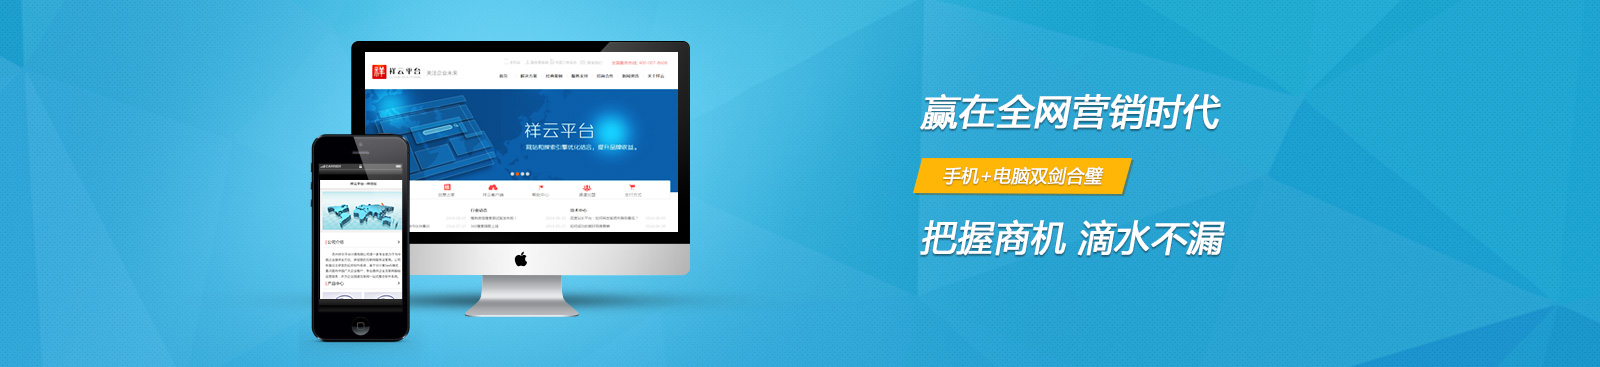 石家庄网络营销